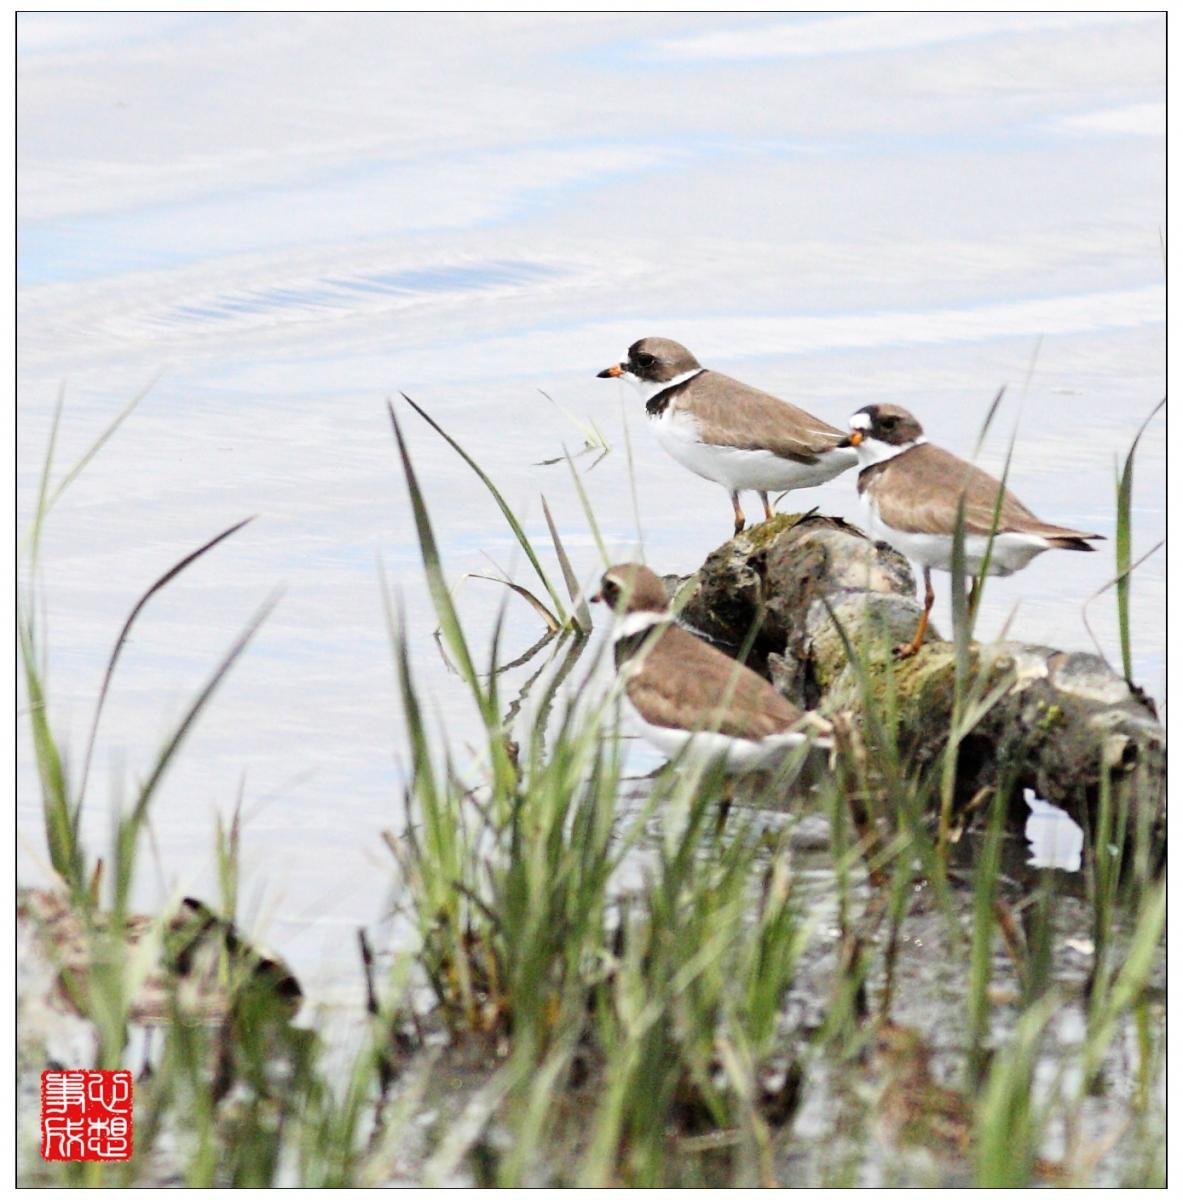 【心想事成】Milford 鸟类保护区_图1-21